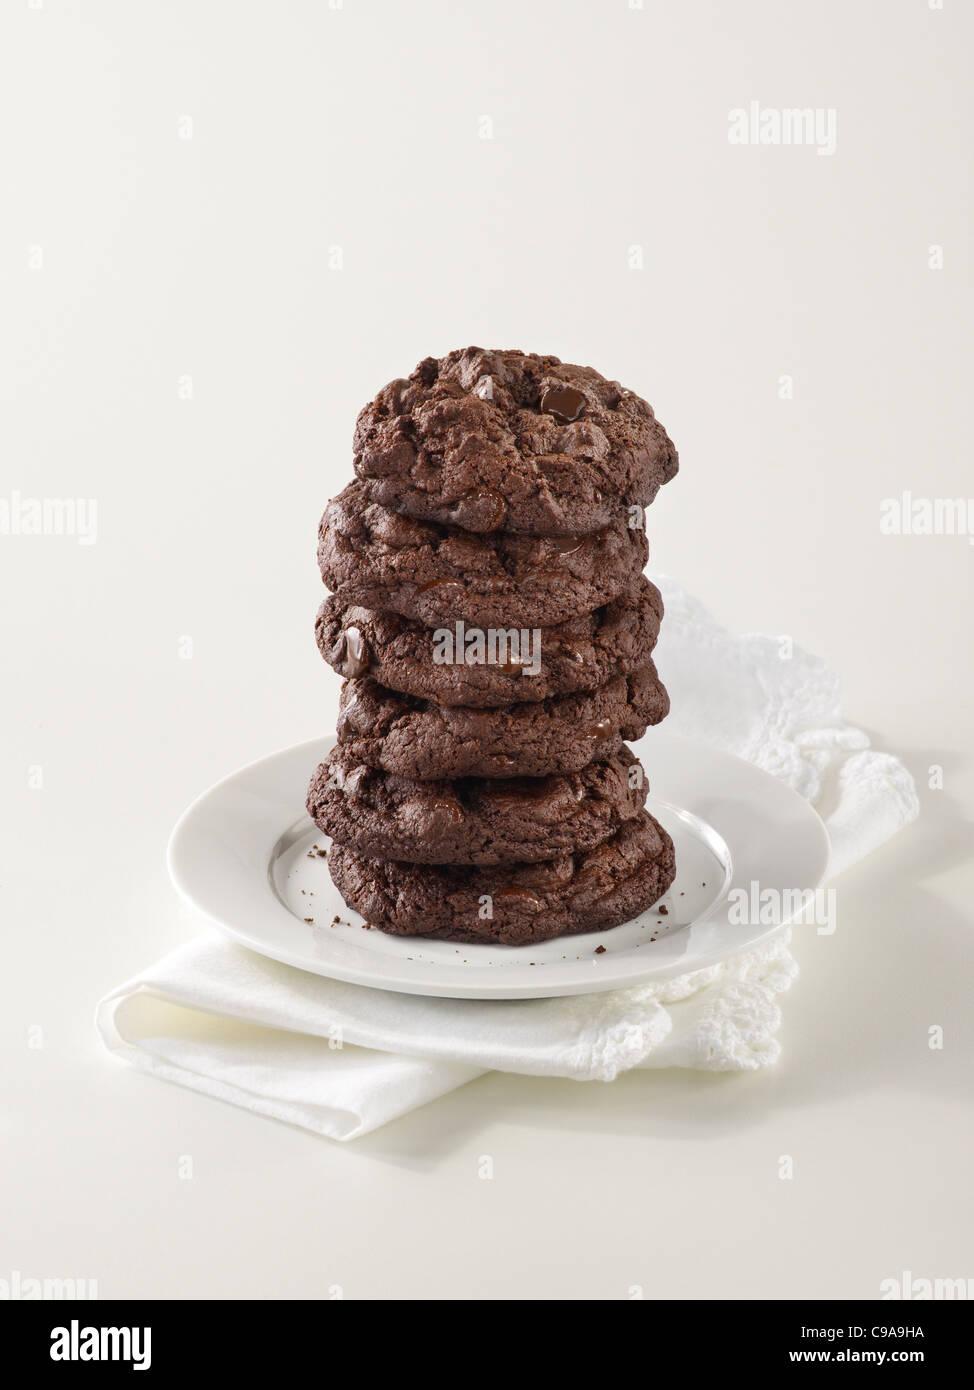 Una pila alta de triple gourmet chocolate chip cookies en una placa blanca. Foto de stock